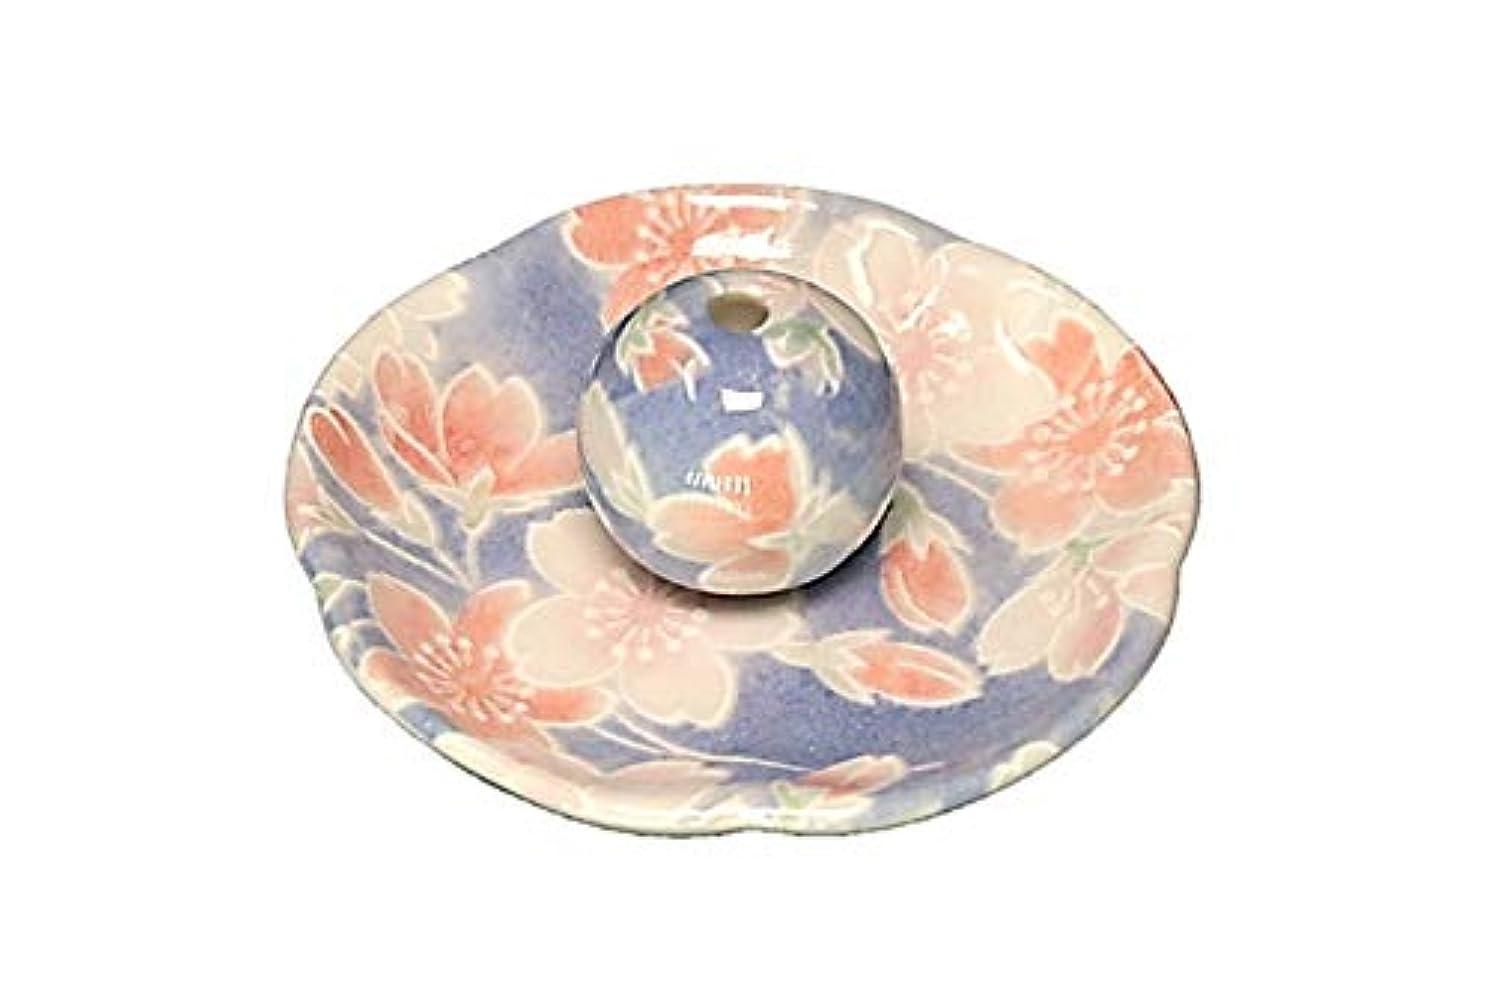 自然公園マウス構想する染桜 花形香皿 お香立て お香たて 日本製 ACSWEBSHOPオリジナル